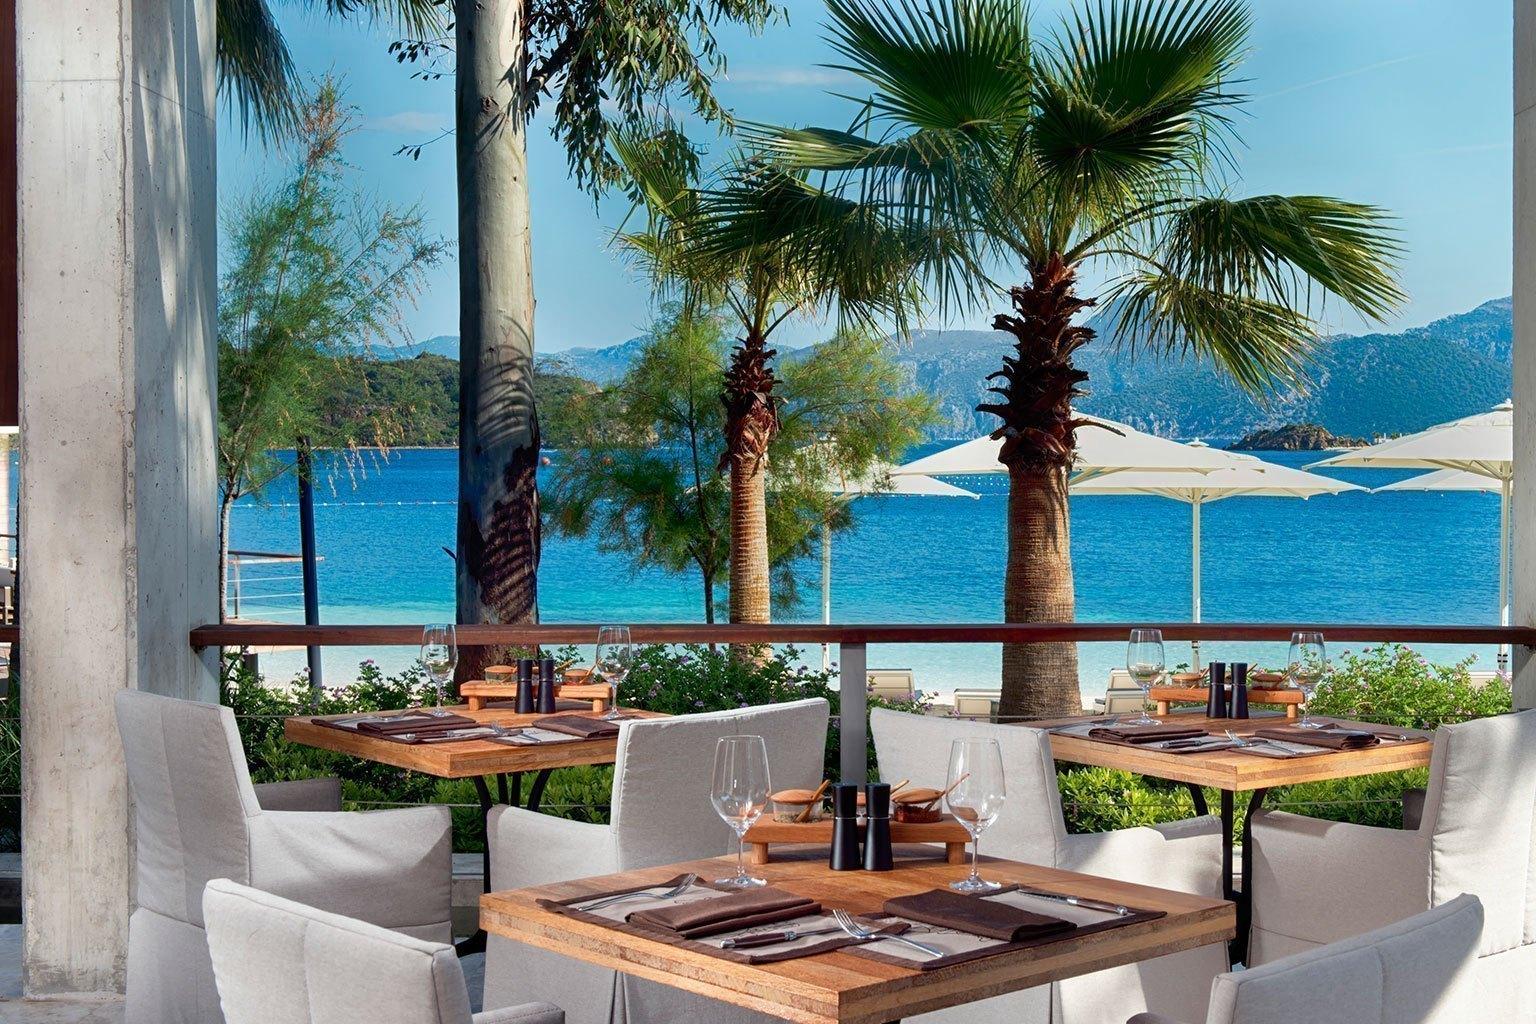 Outdoor Küche Aus Türkei : Ferienhaus in der türkei reise treff touristik nürnberg